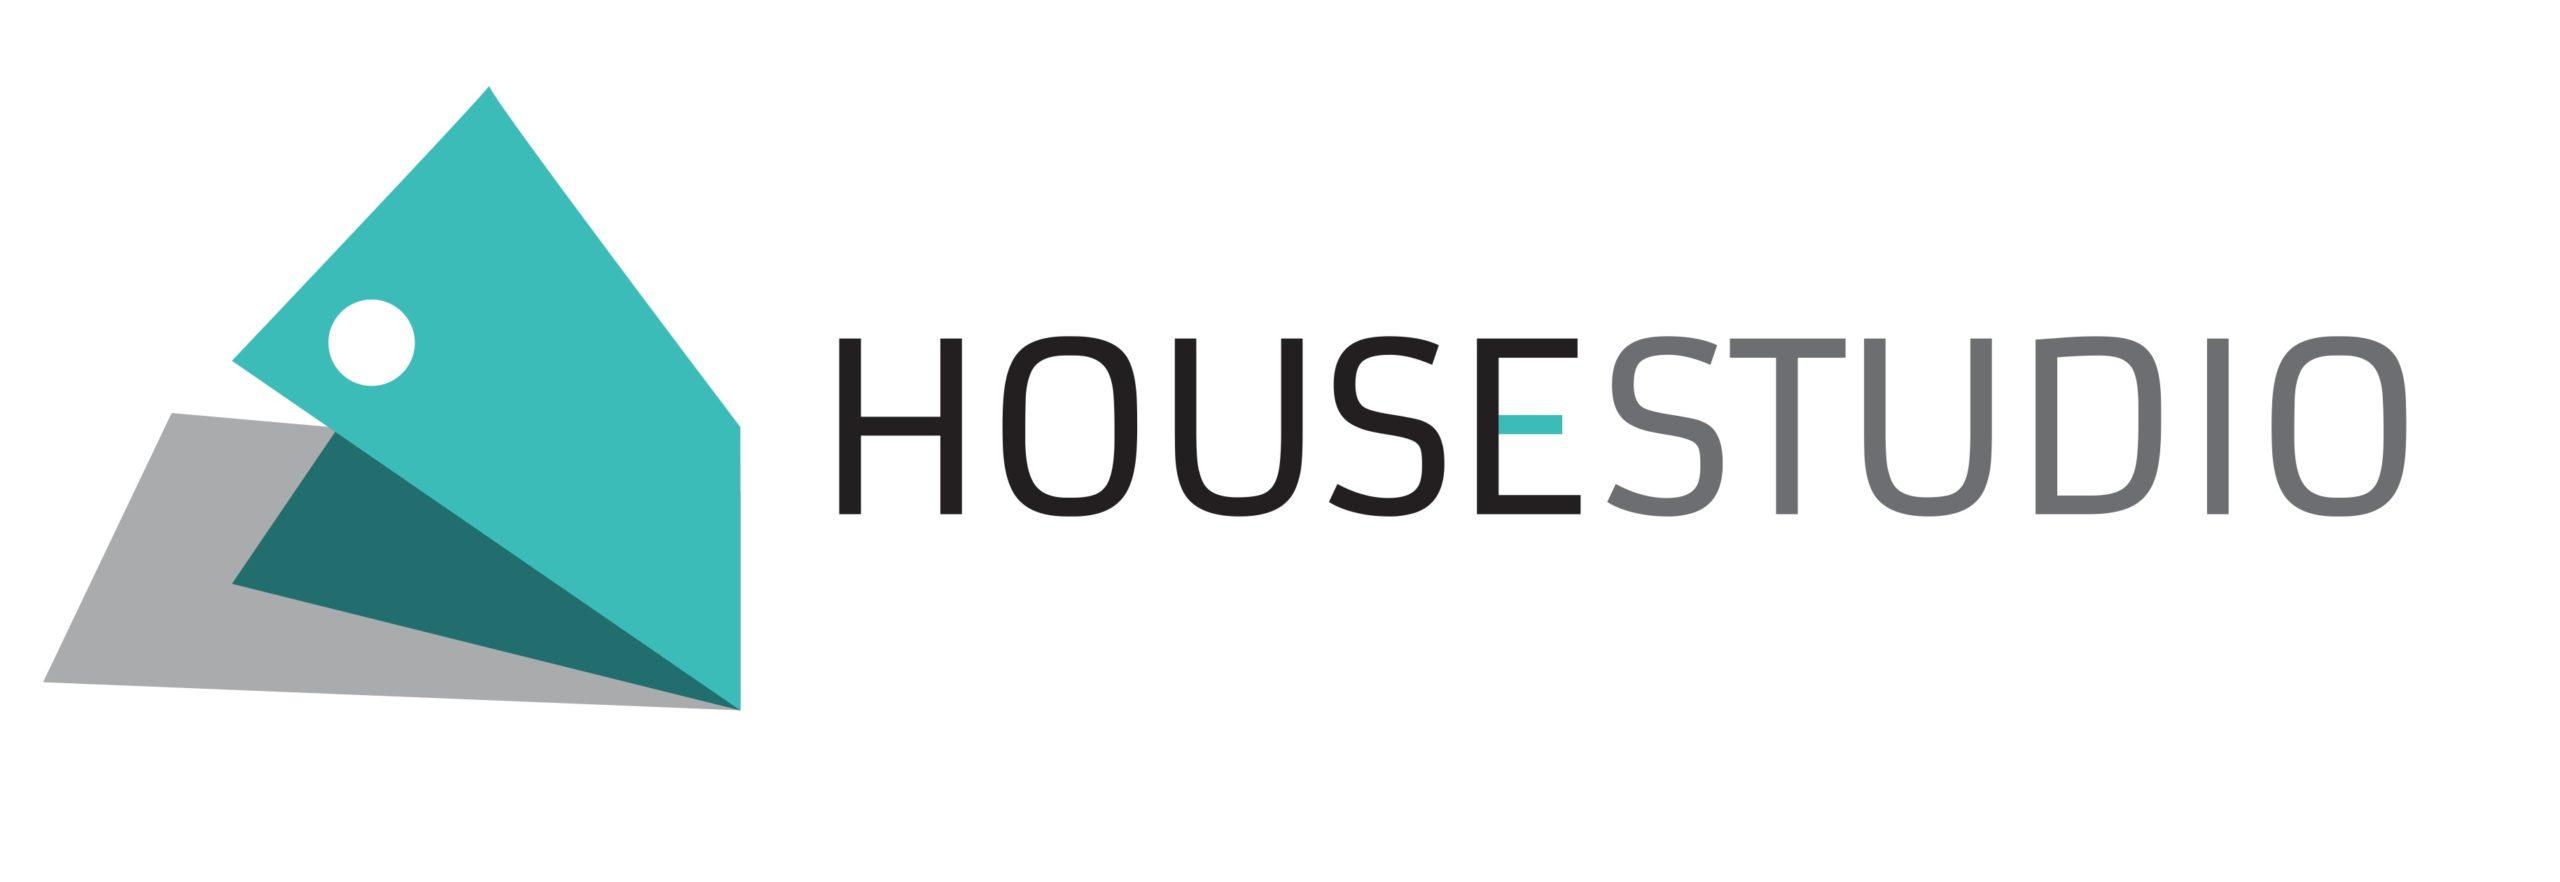 HouseStudio - projektowanie wnętrz, home staging Poznań